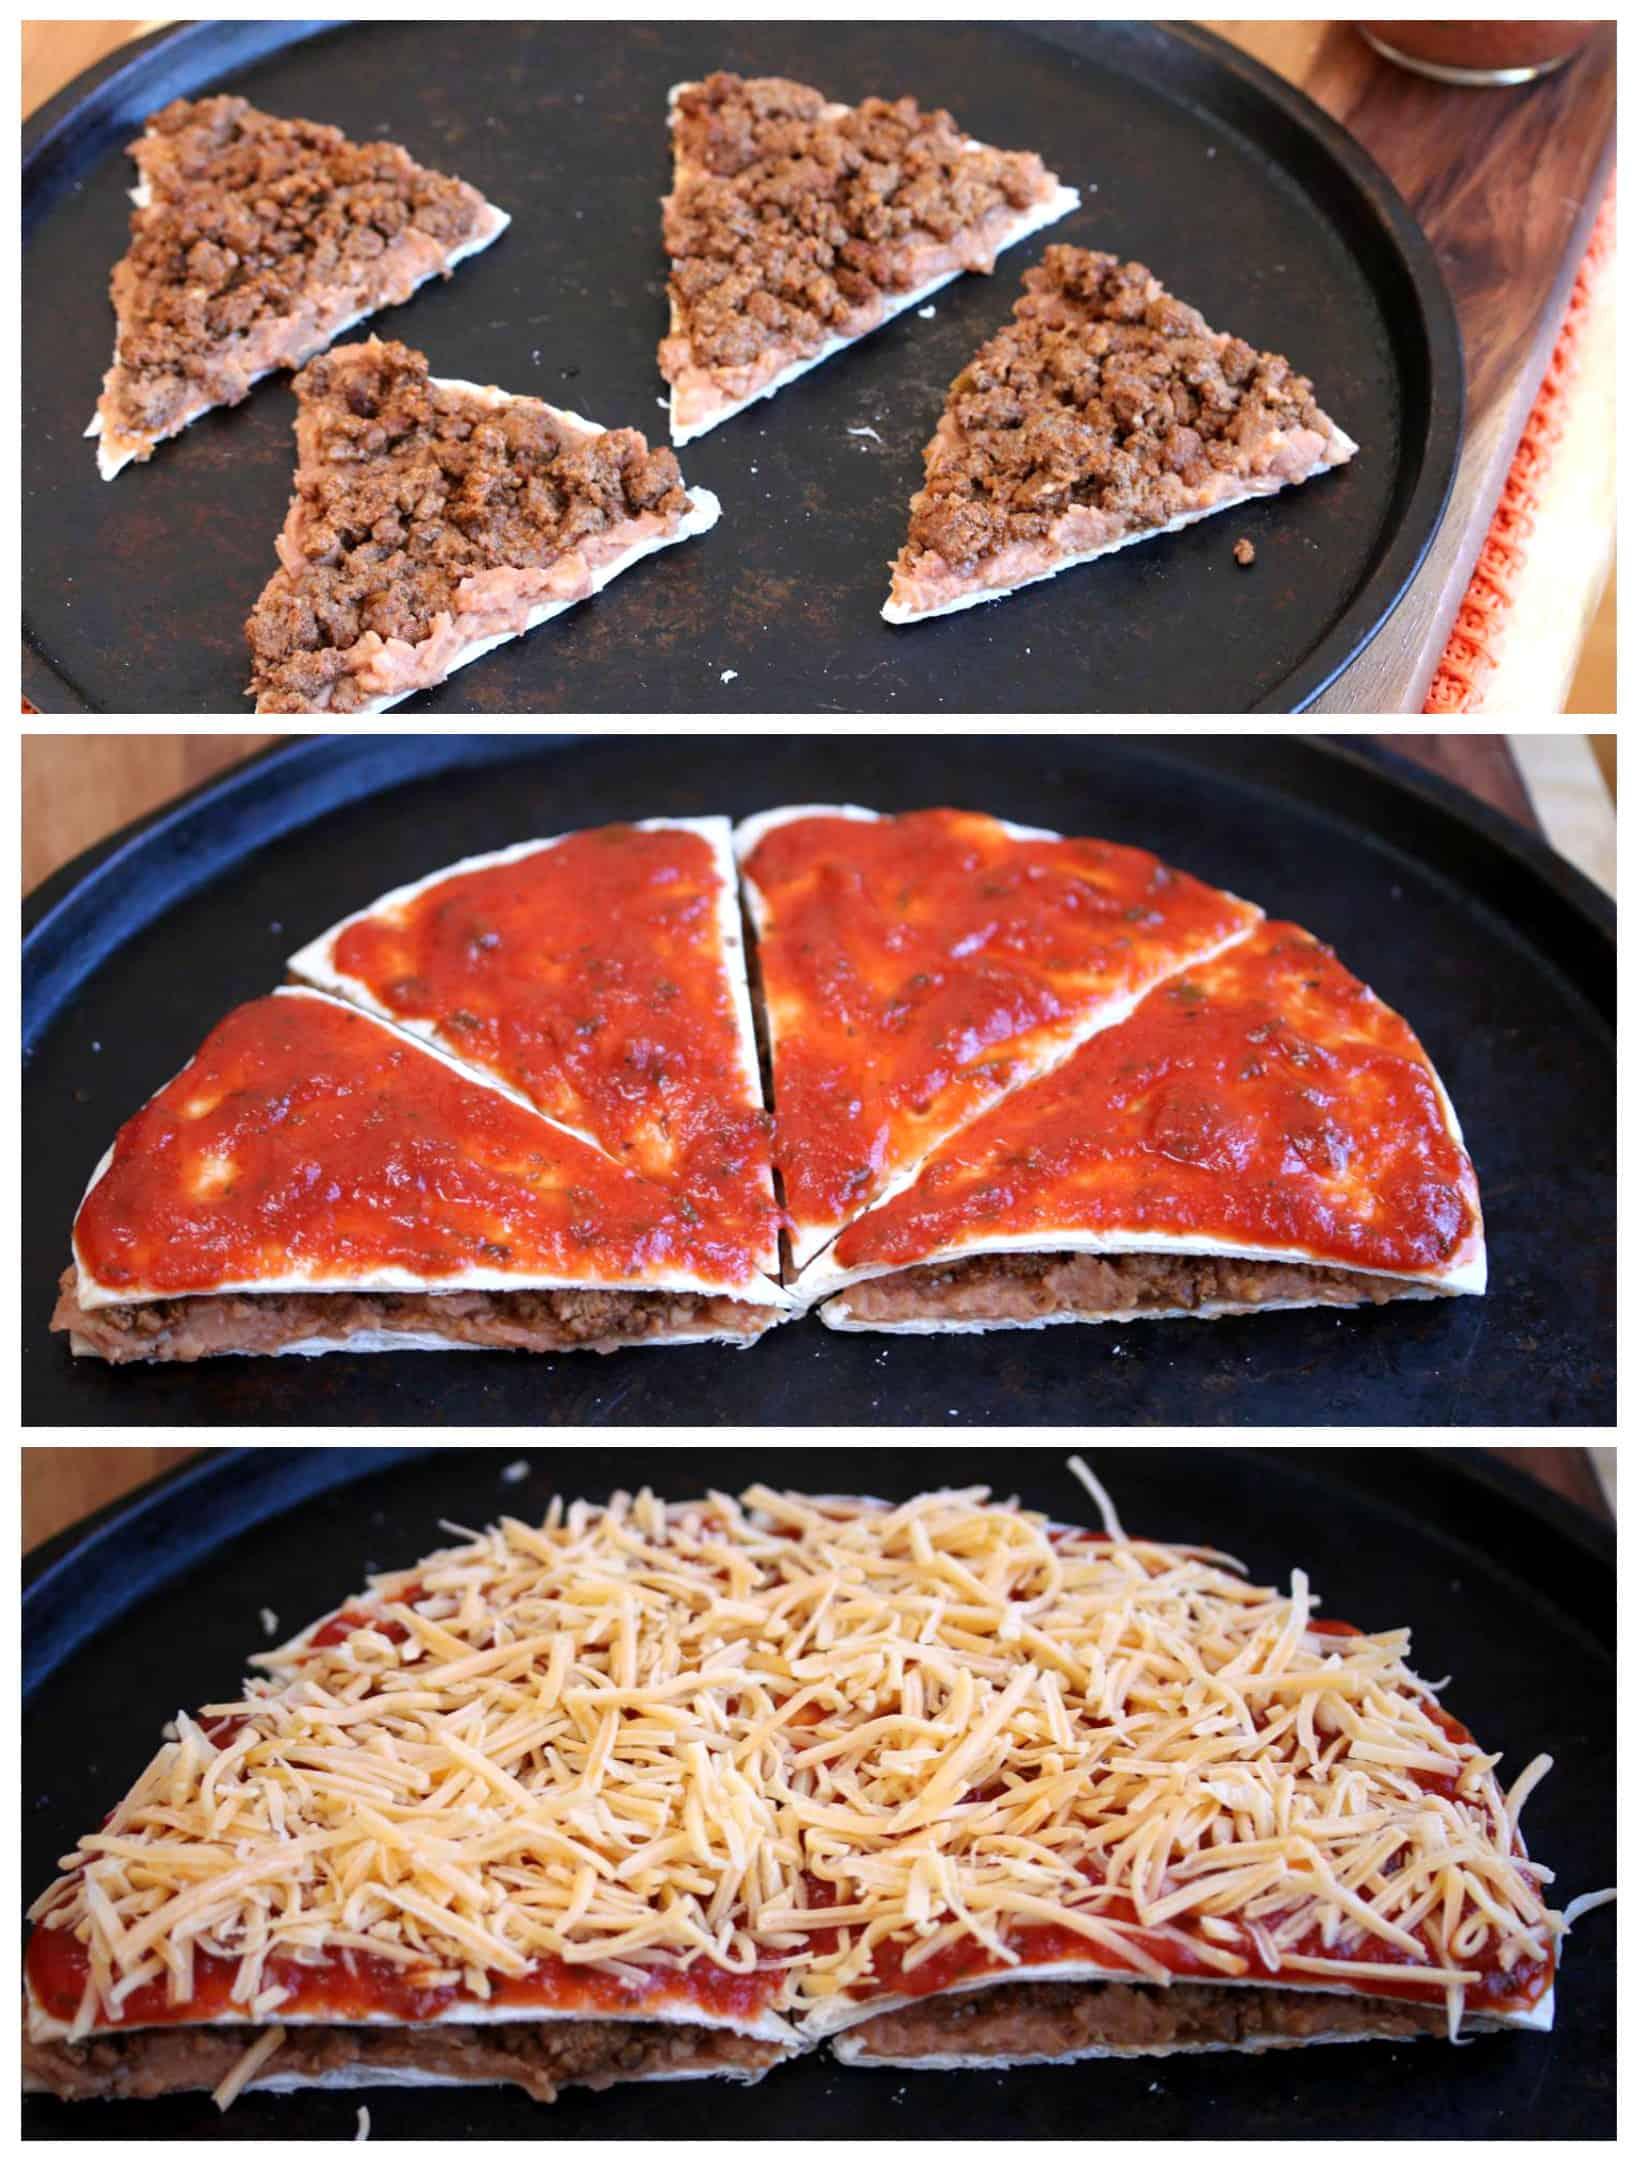 Making-Mex-Pizza